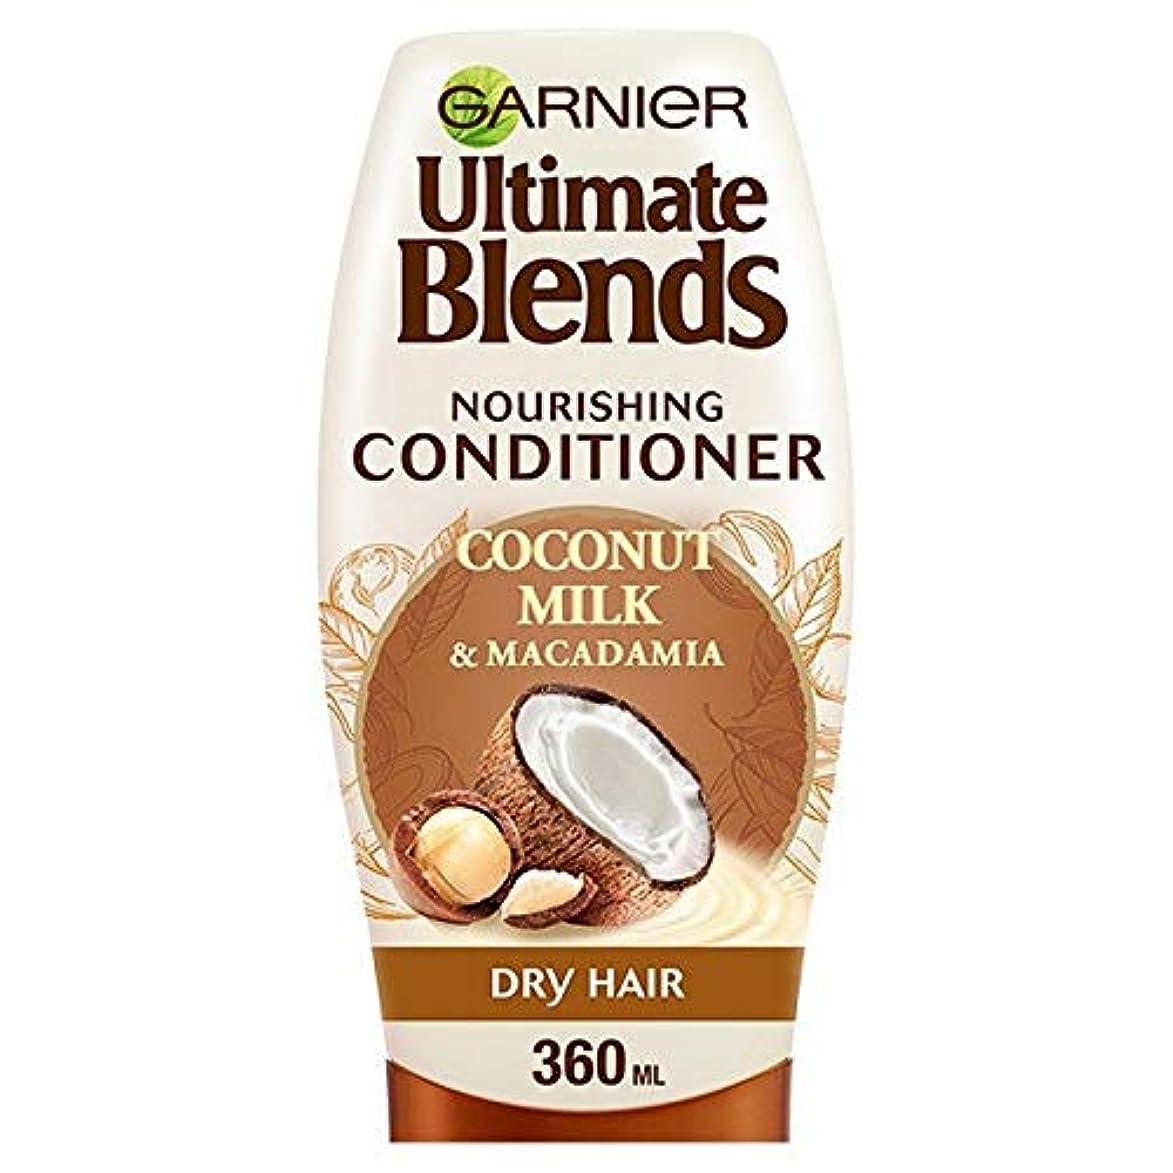 利得病者食事を調理する[Garnier ] 究極のブレンドココナッツミルクドライヘアコンディショナー360ミリリットル - Ultimate Blends Coconut Milk Dry Hair Conditioner 360ml [並行輸入品]